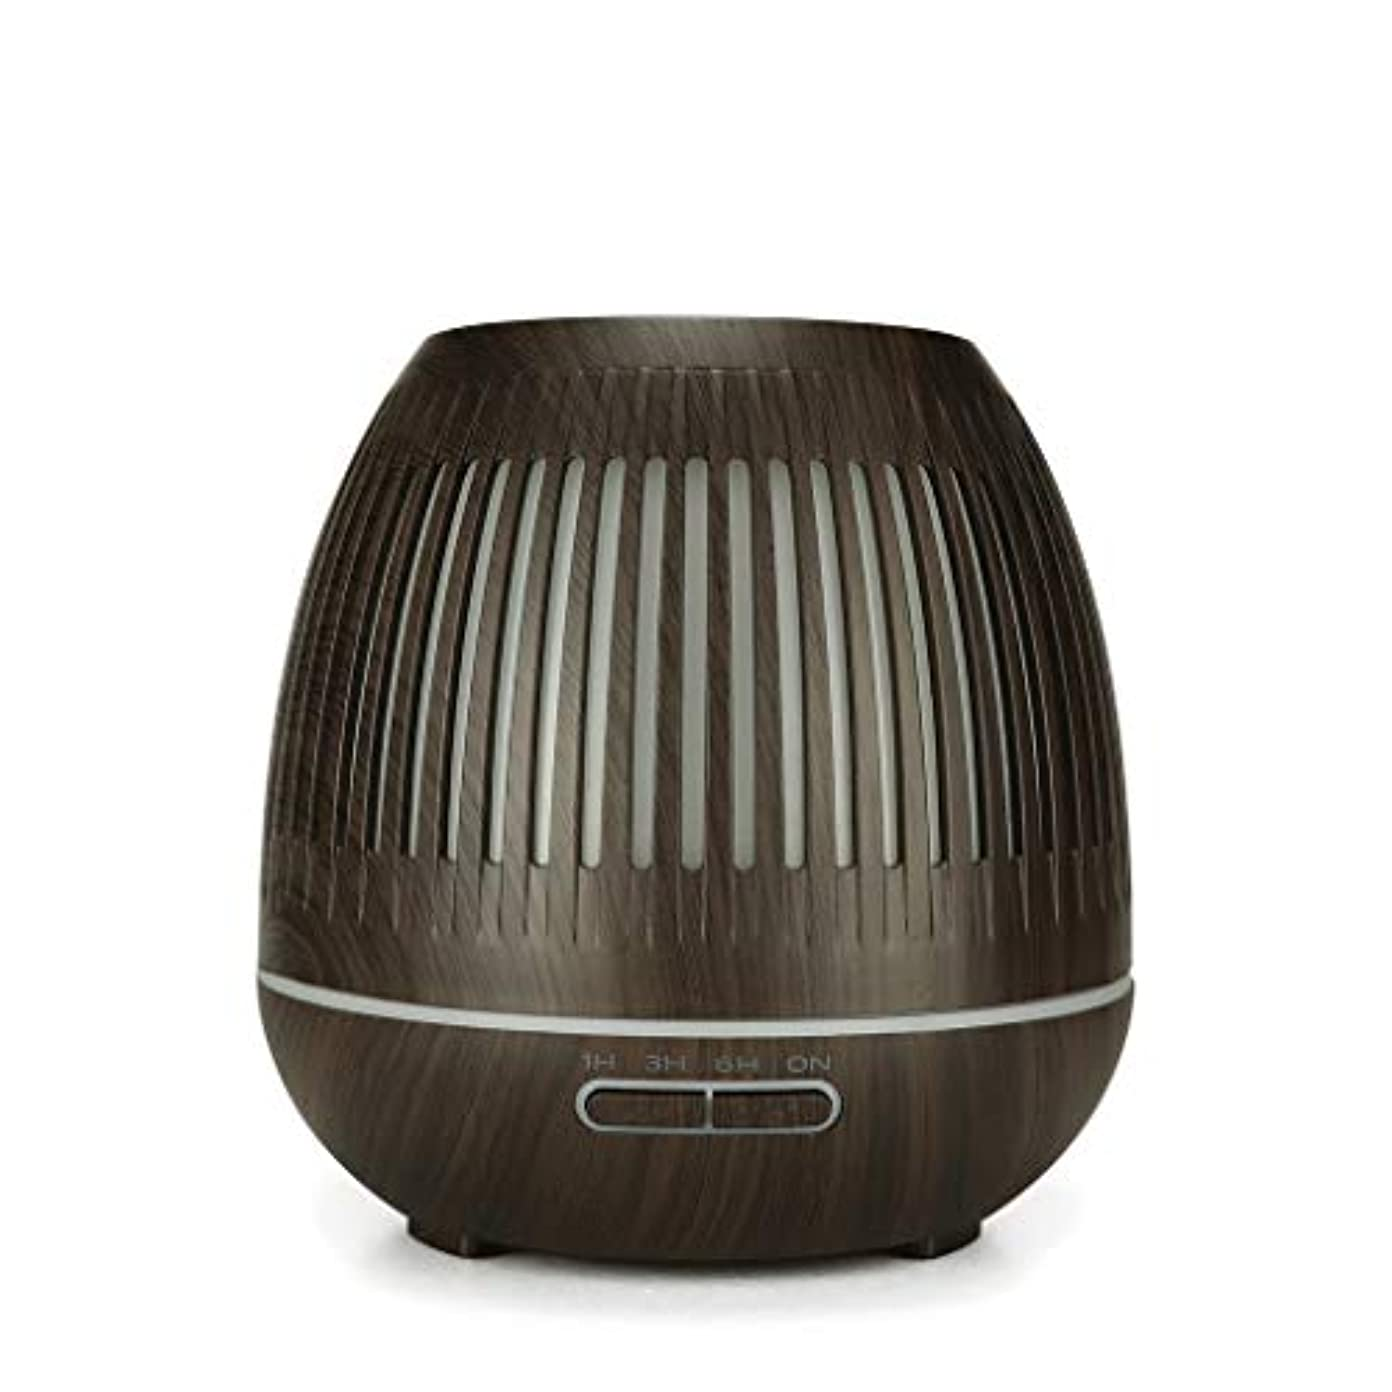 使役喜劇コンドーム400ミリリットル超音波クールミスト加湿器付きカラーledライト用ホームヨガオフィススパ寝室ベビールーム - ウッドグレインディフューザー (Color : Dark wood grain)